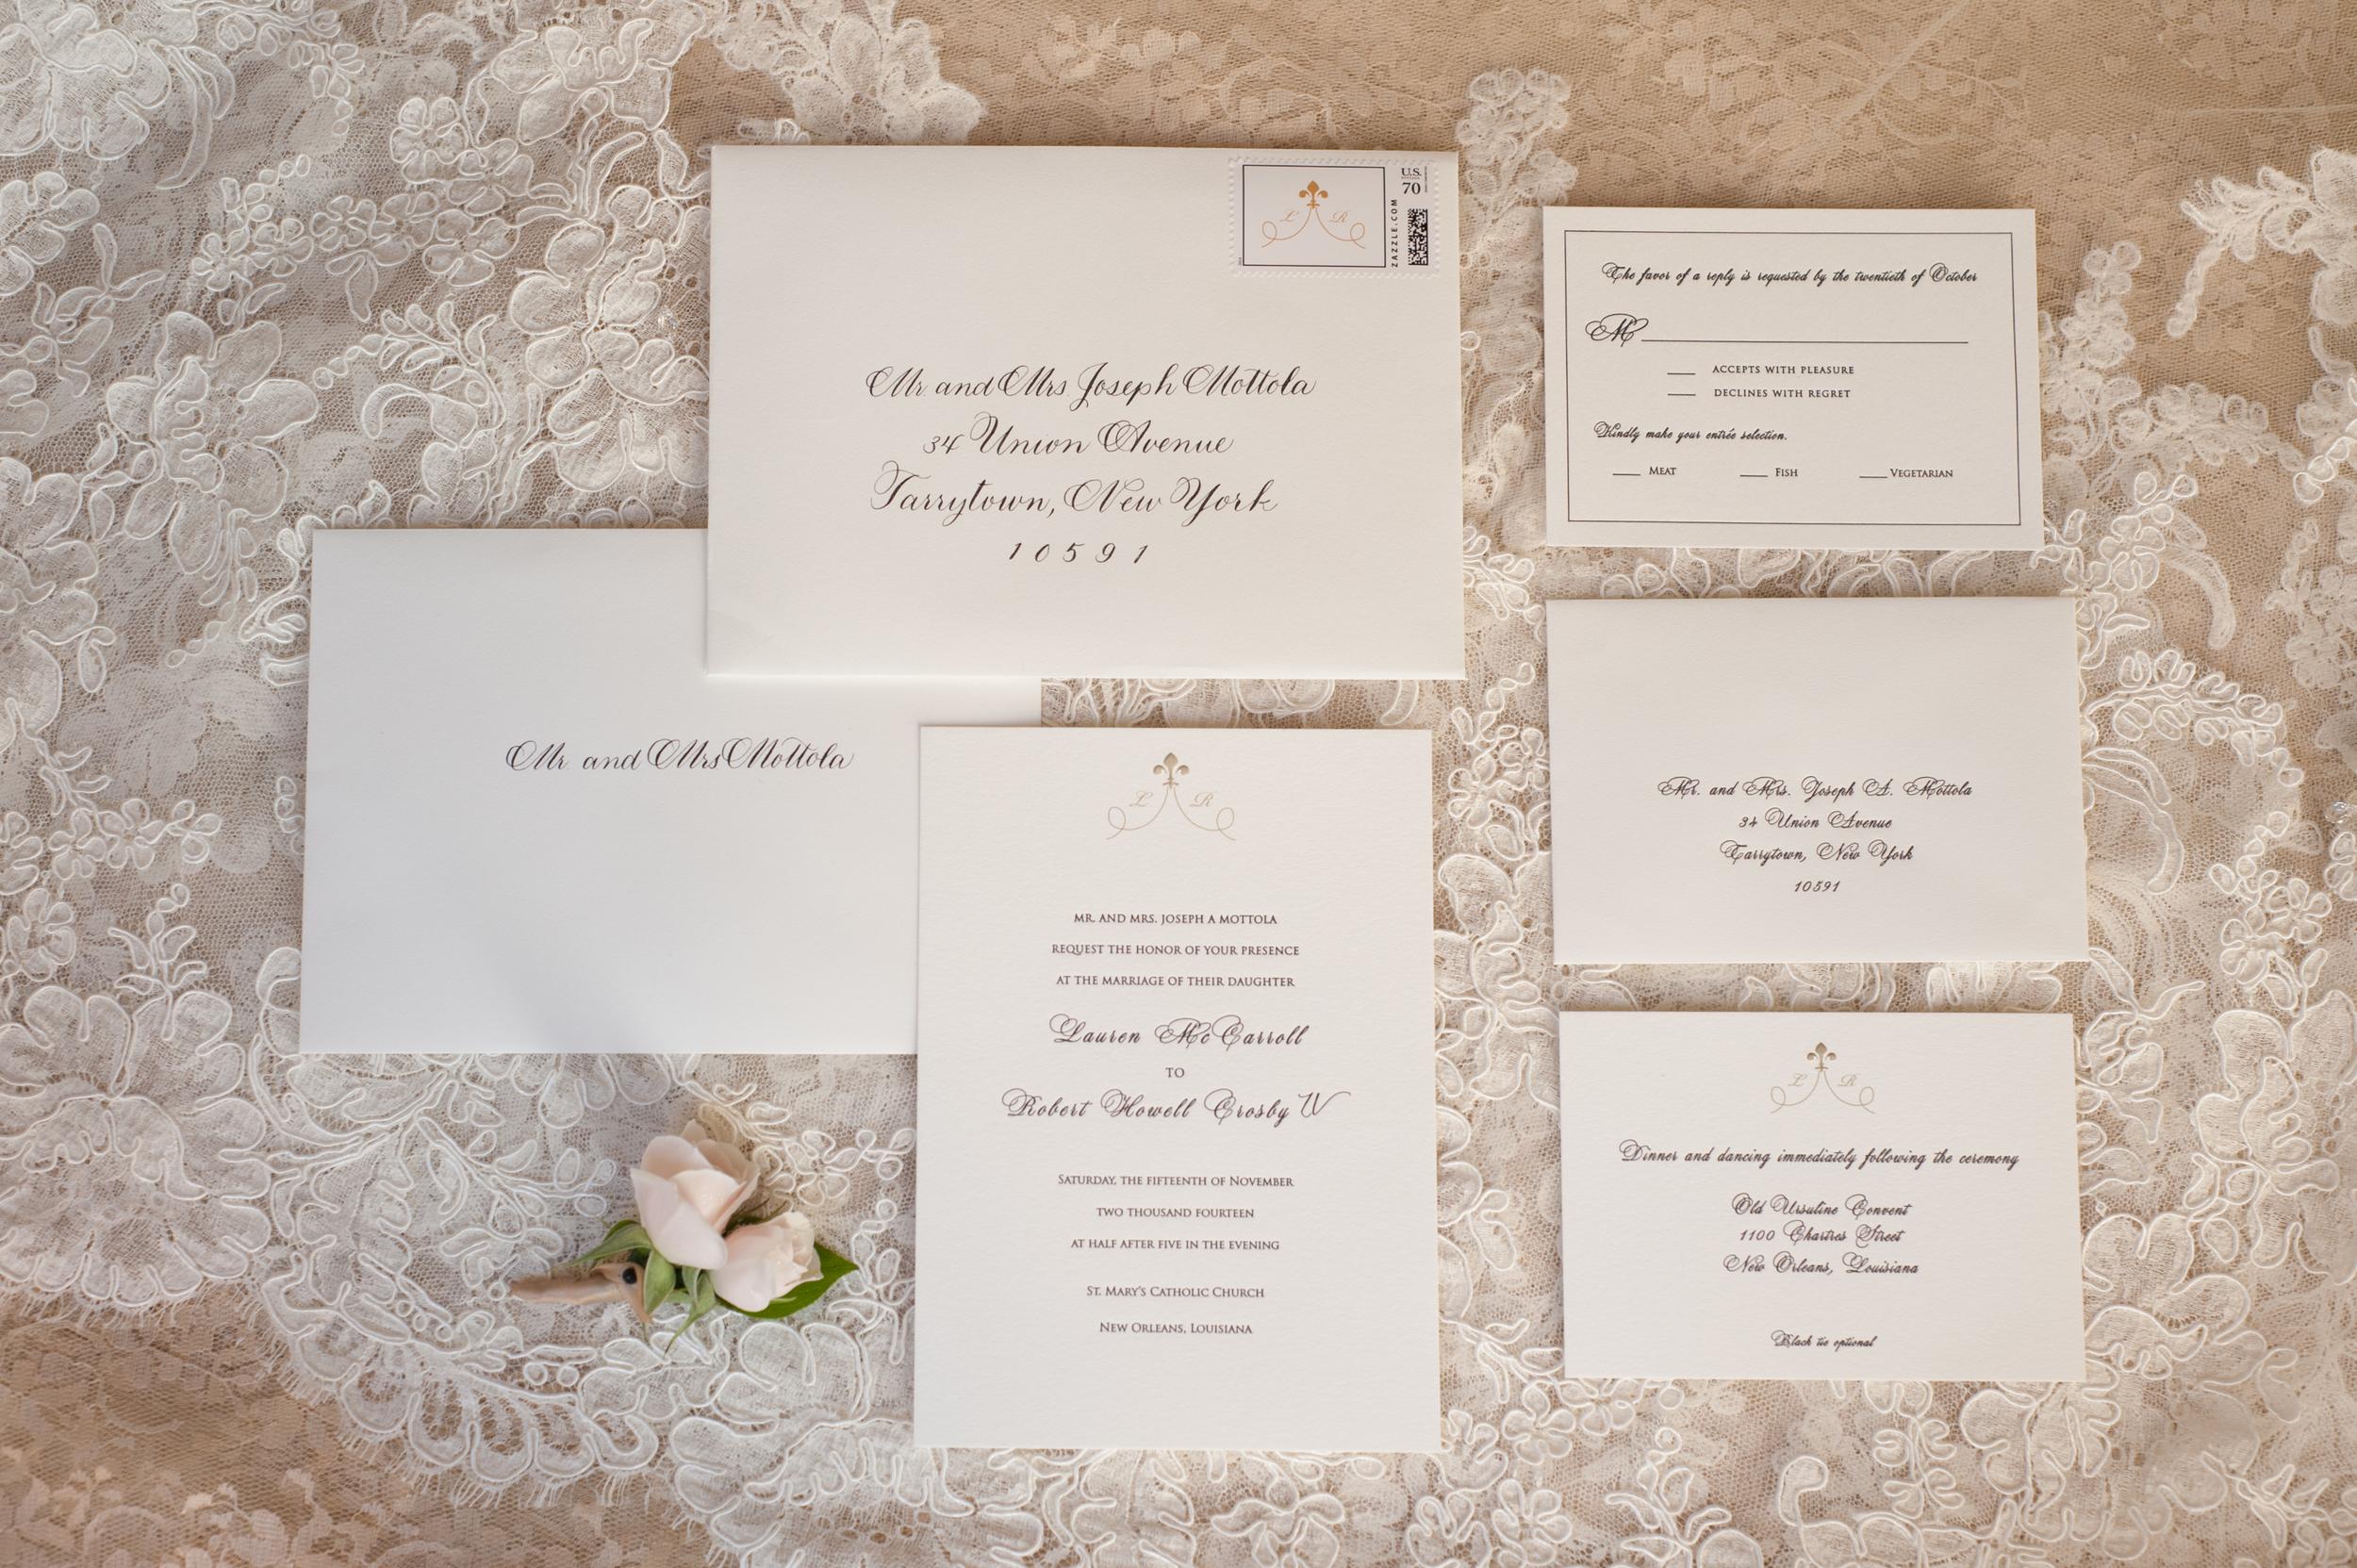 Best New Orleans Wedding Planner